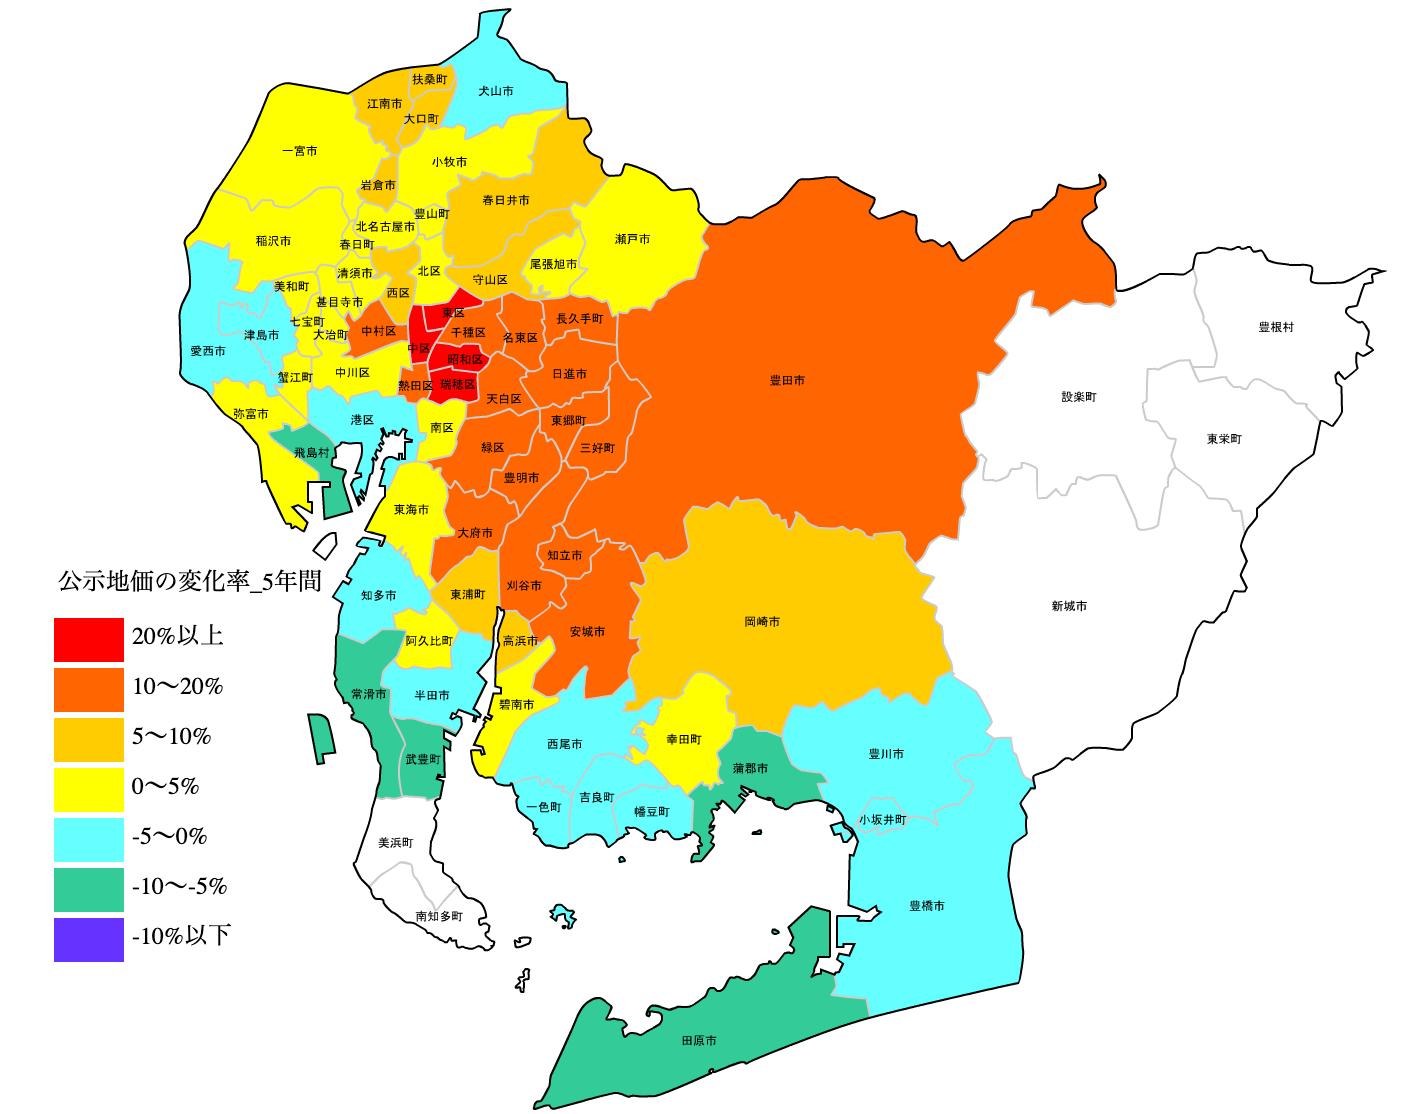 公示地価の変化率図 H25-H31